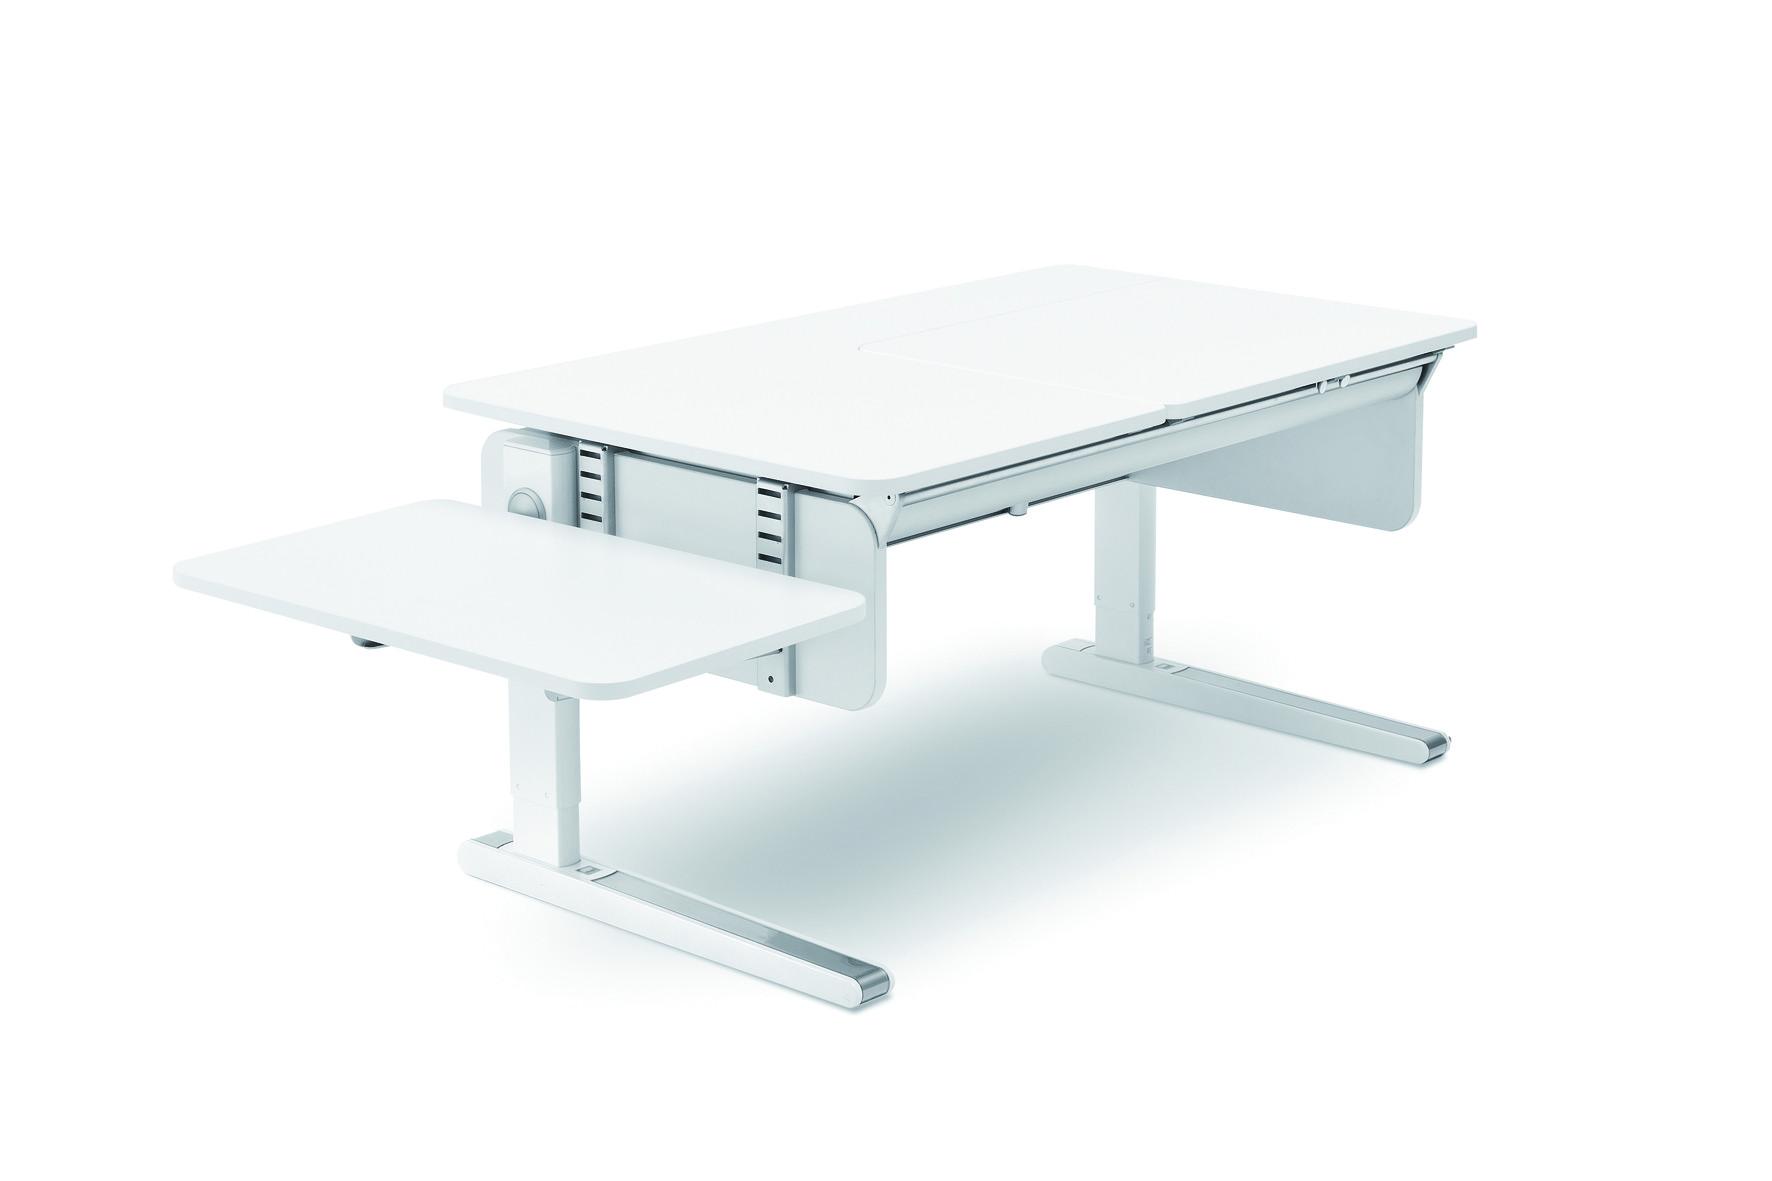 Купить Боковая приставка Side Top для стола Moll Champion в интернет магазине. Цены, характеристики, фото, отзывы, обзоры